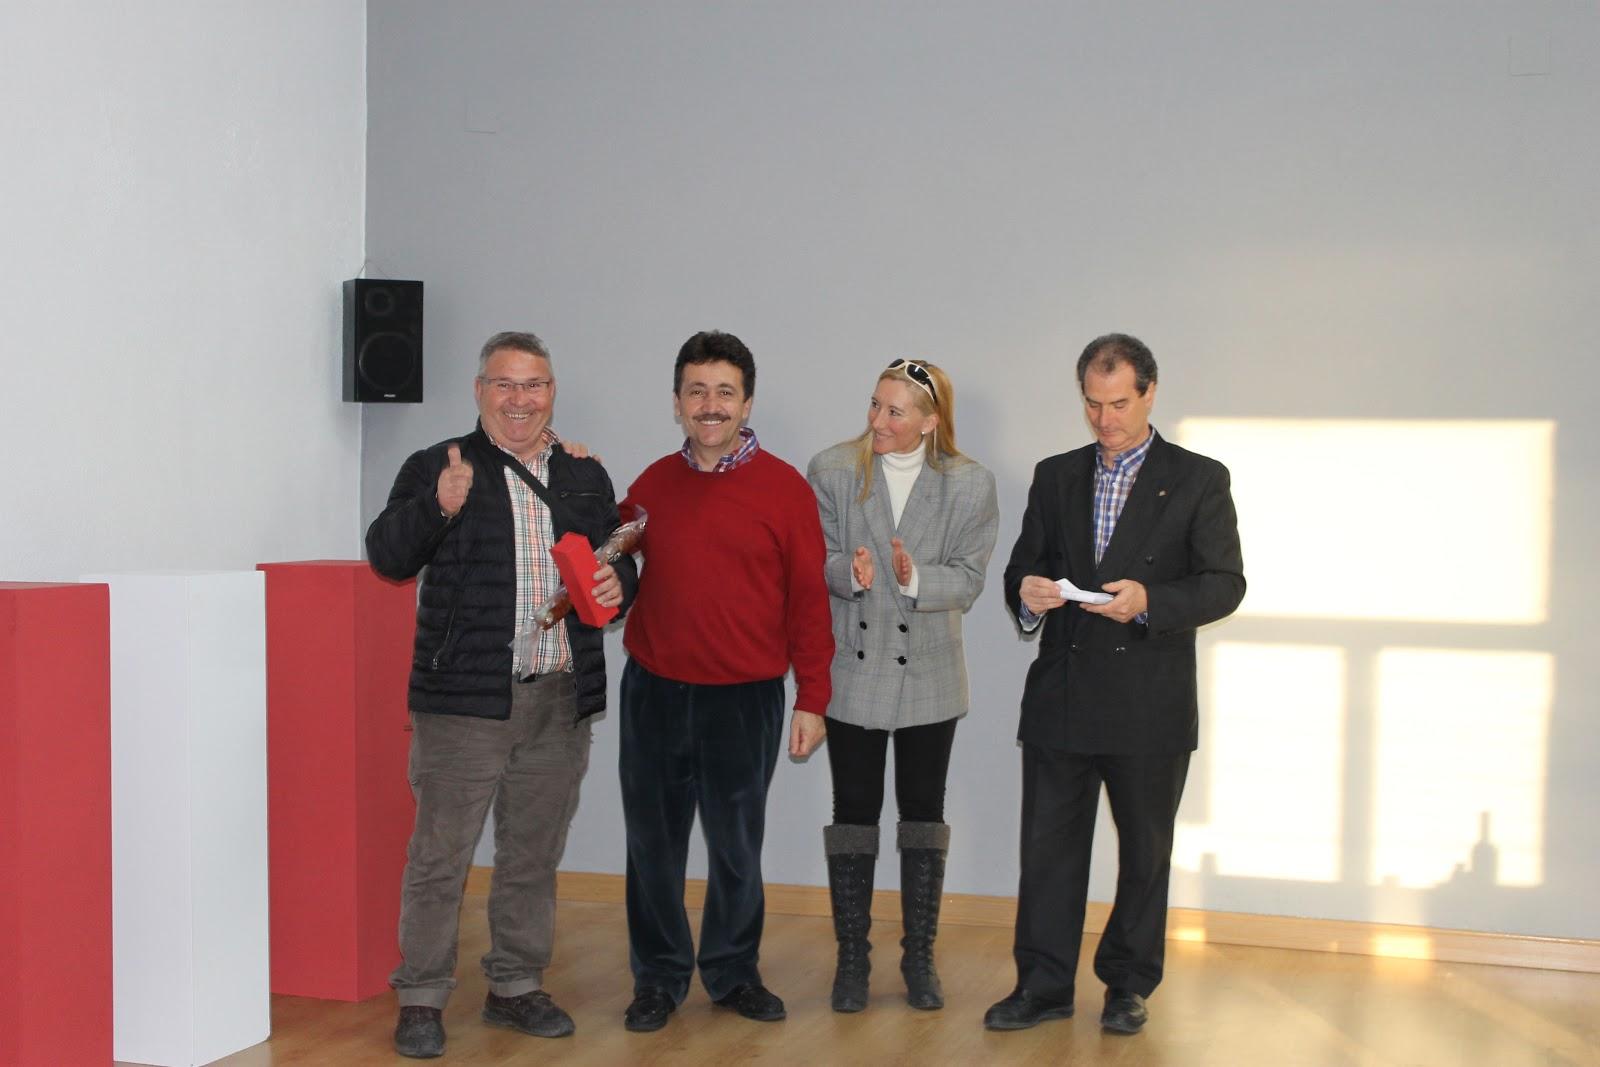 presidente del casino y concejales junto a los premiados del Villar del casino Obrero